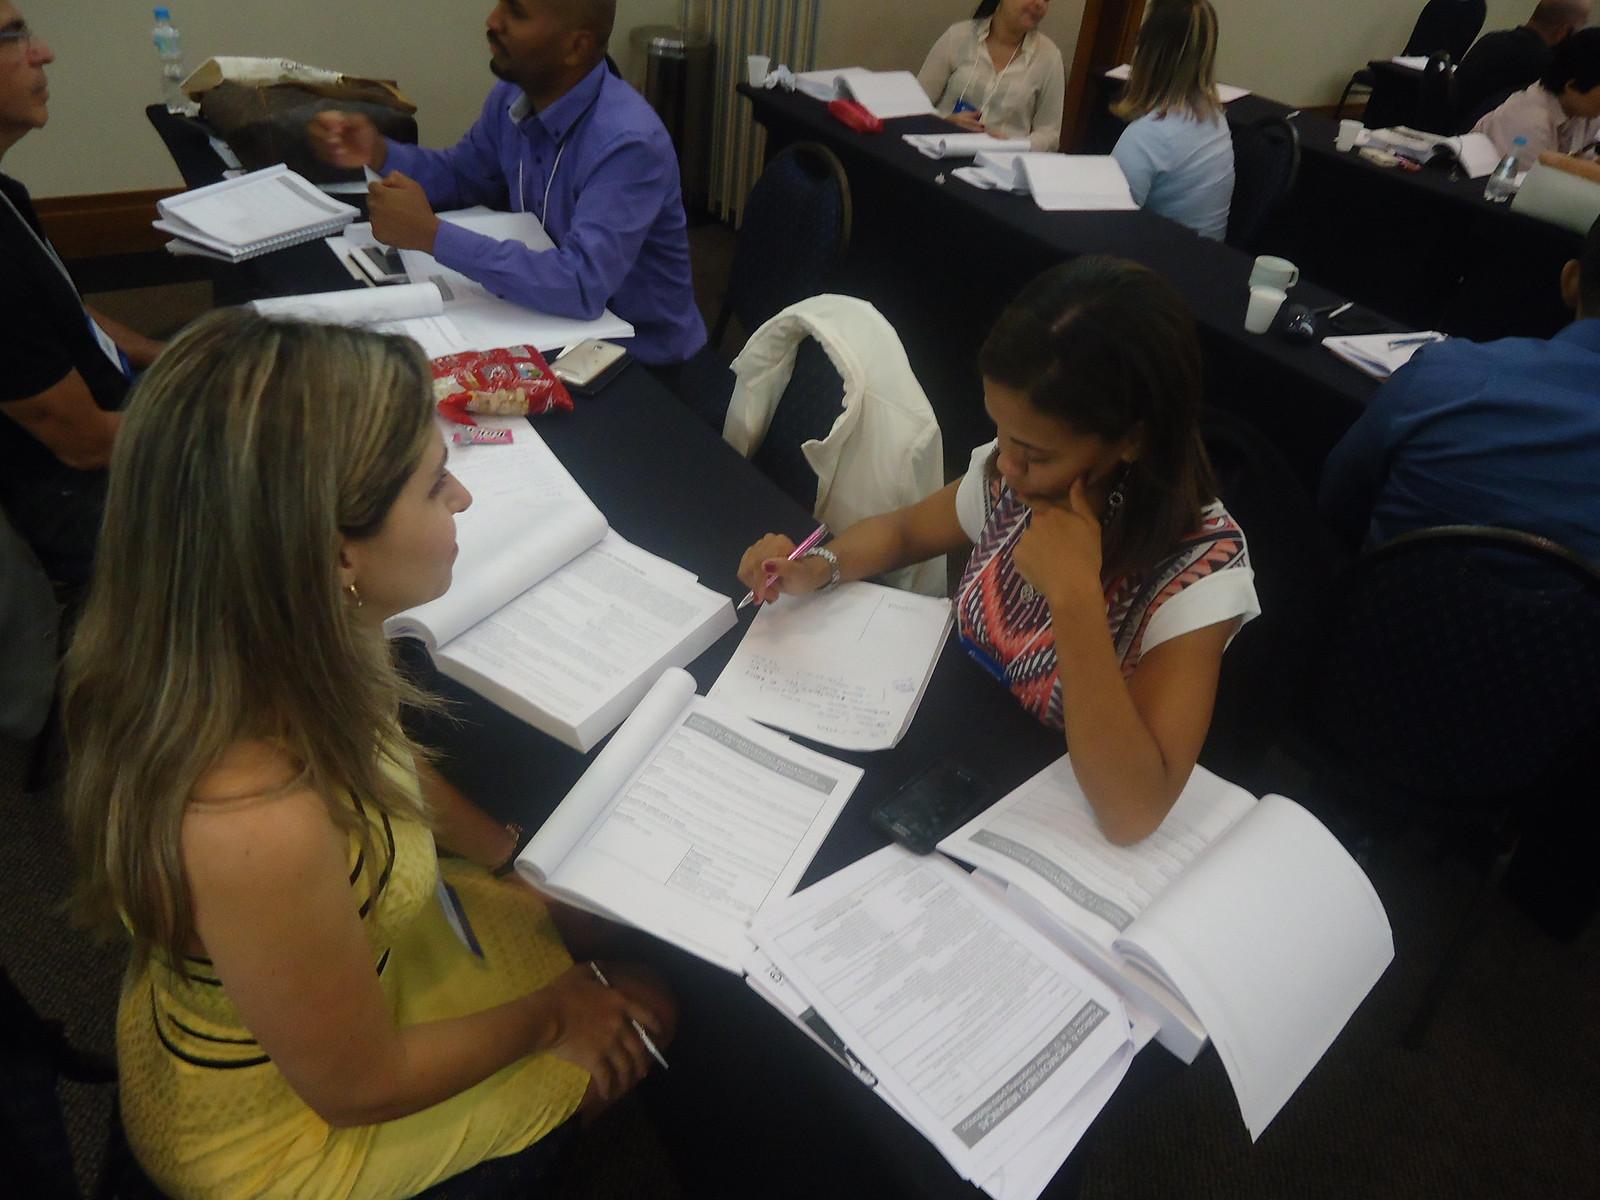 Participantes em curso da SBCoaching